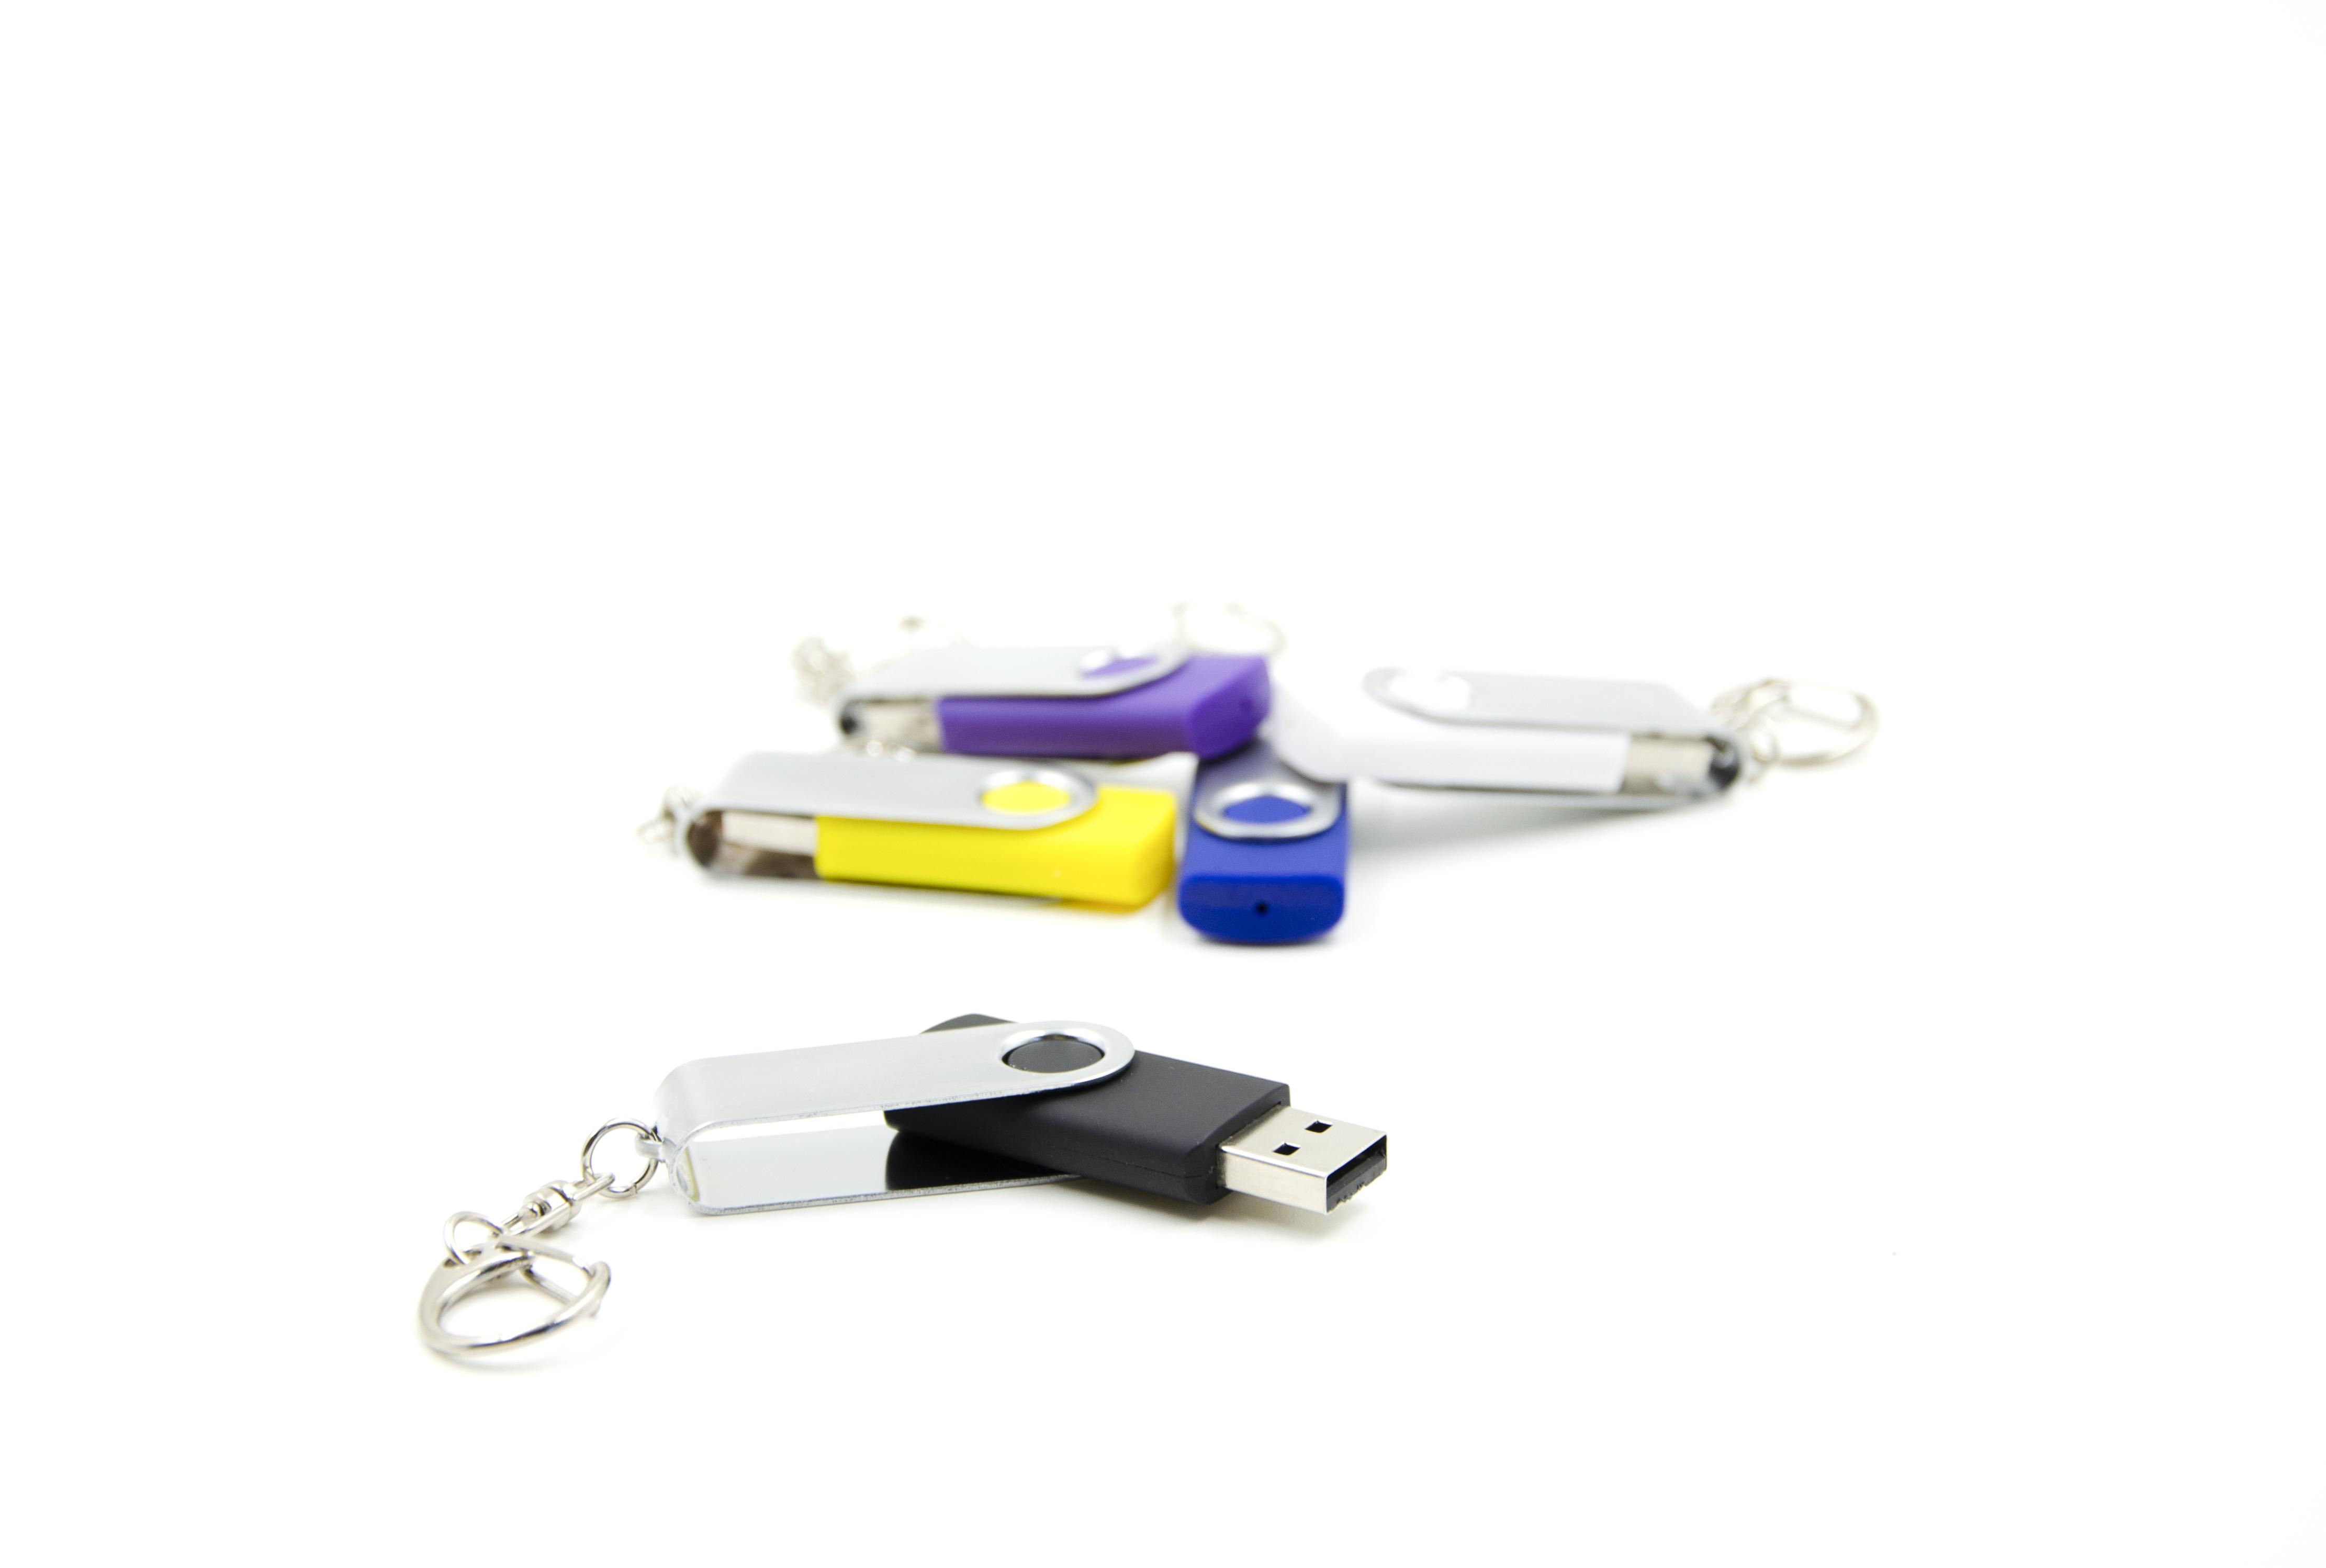 39.95 USB stik 2 GB 2.0 (Svart) Svart